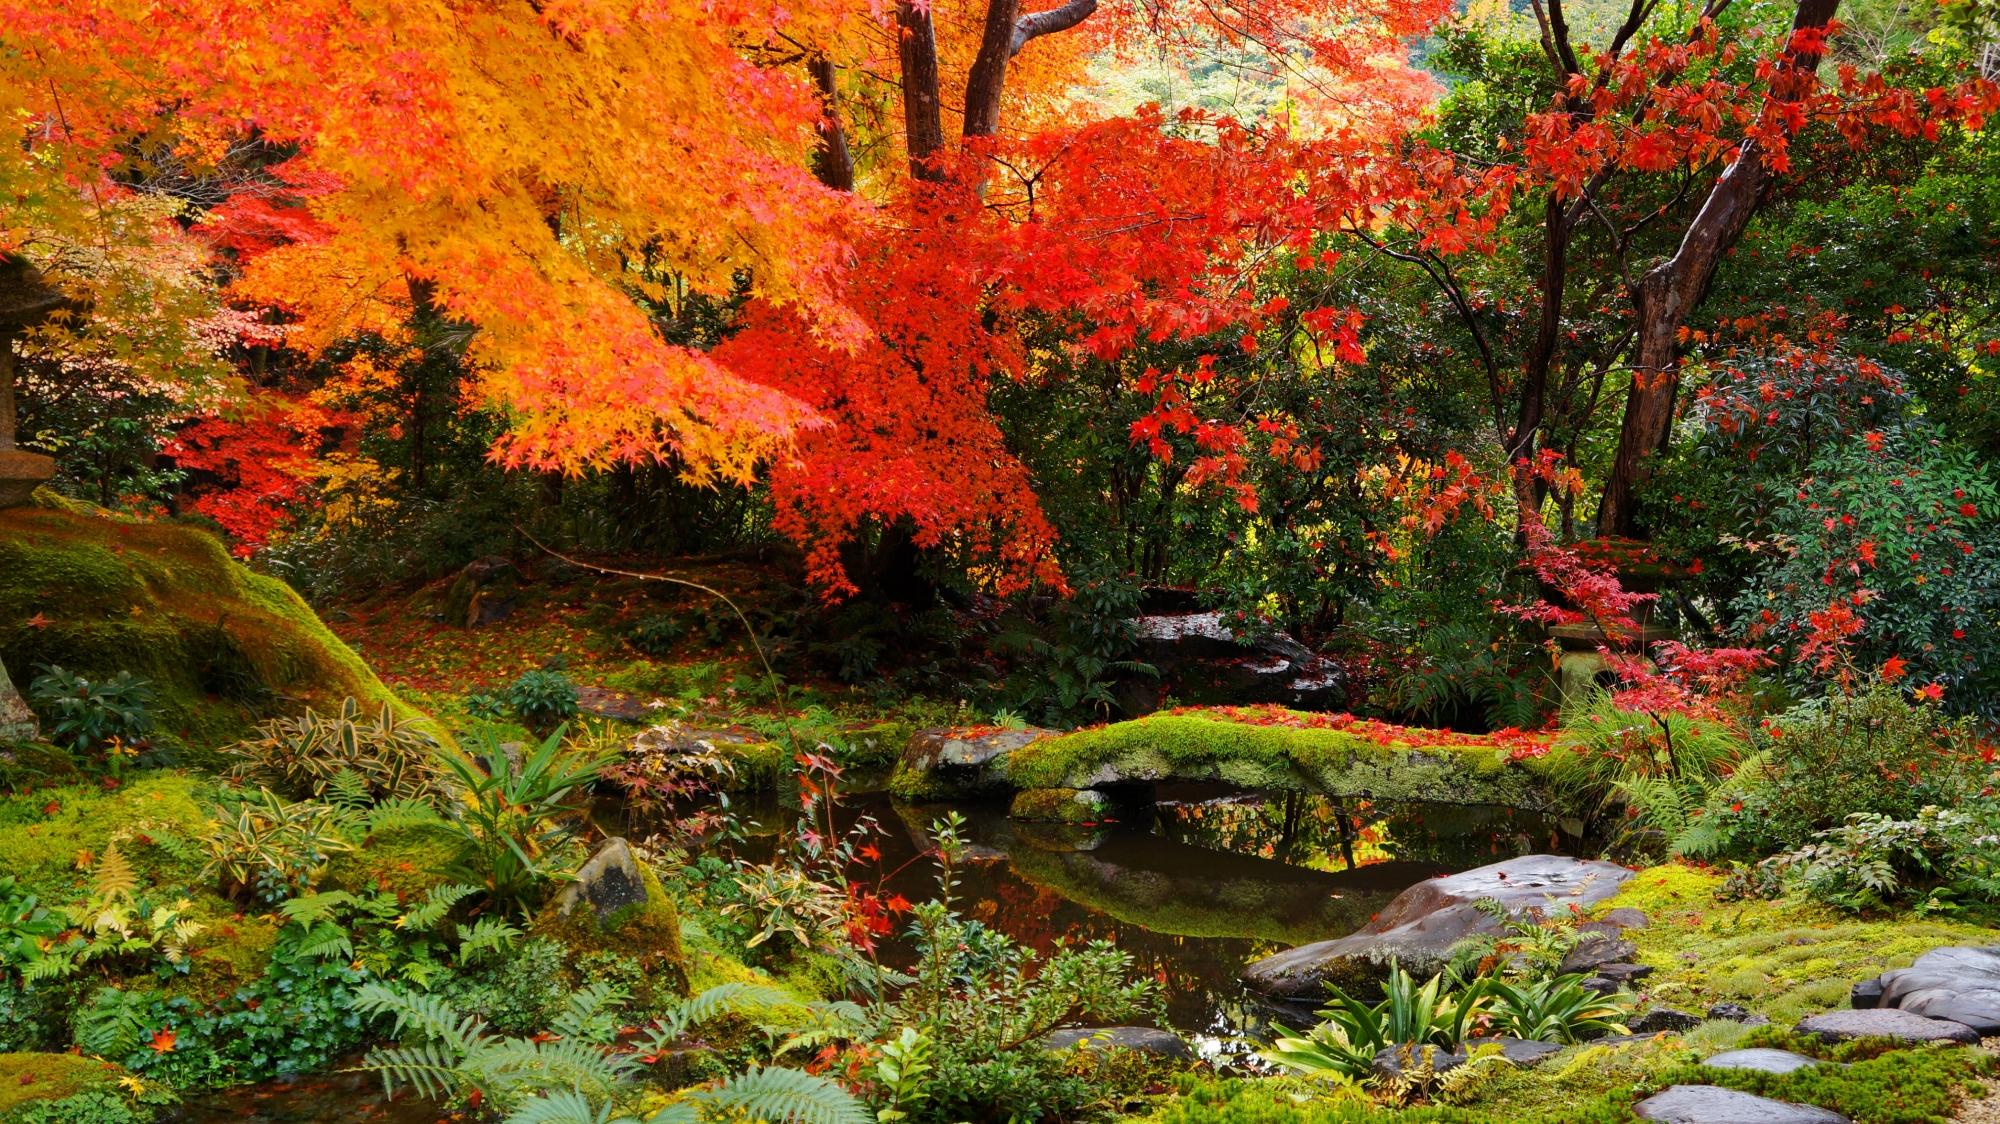 臥龍の庭の緑と赤やオレンジの美しいコントラスト